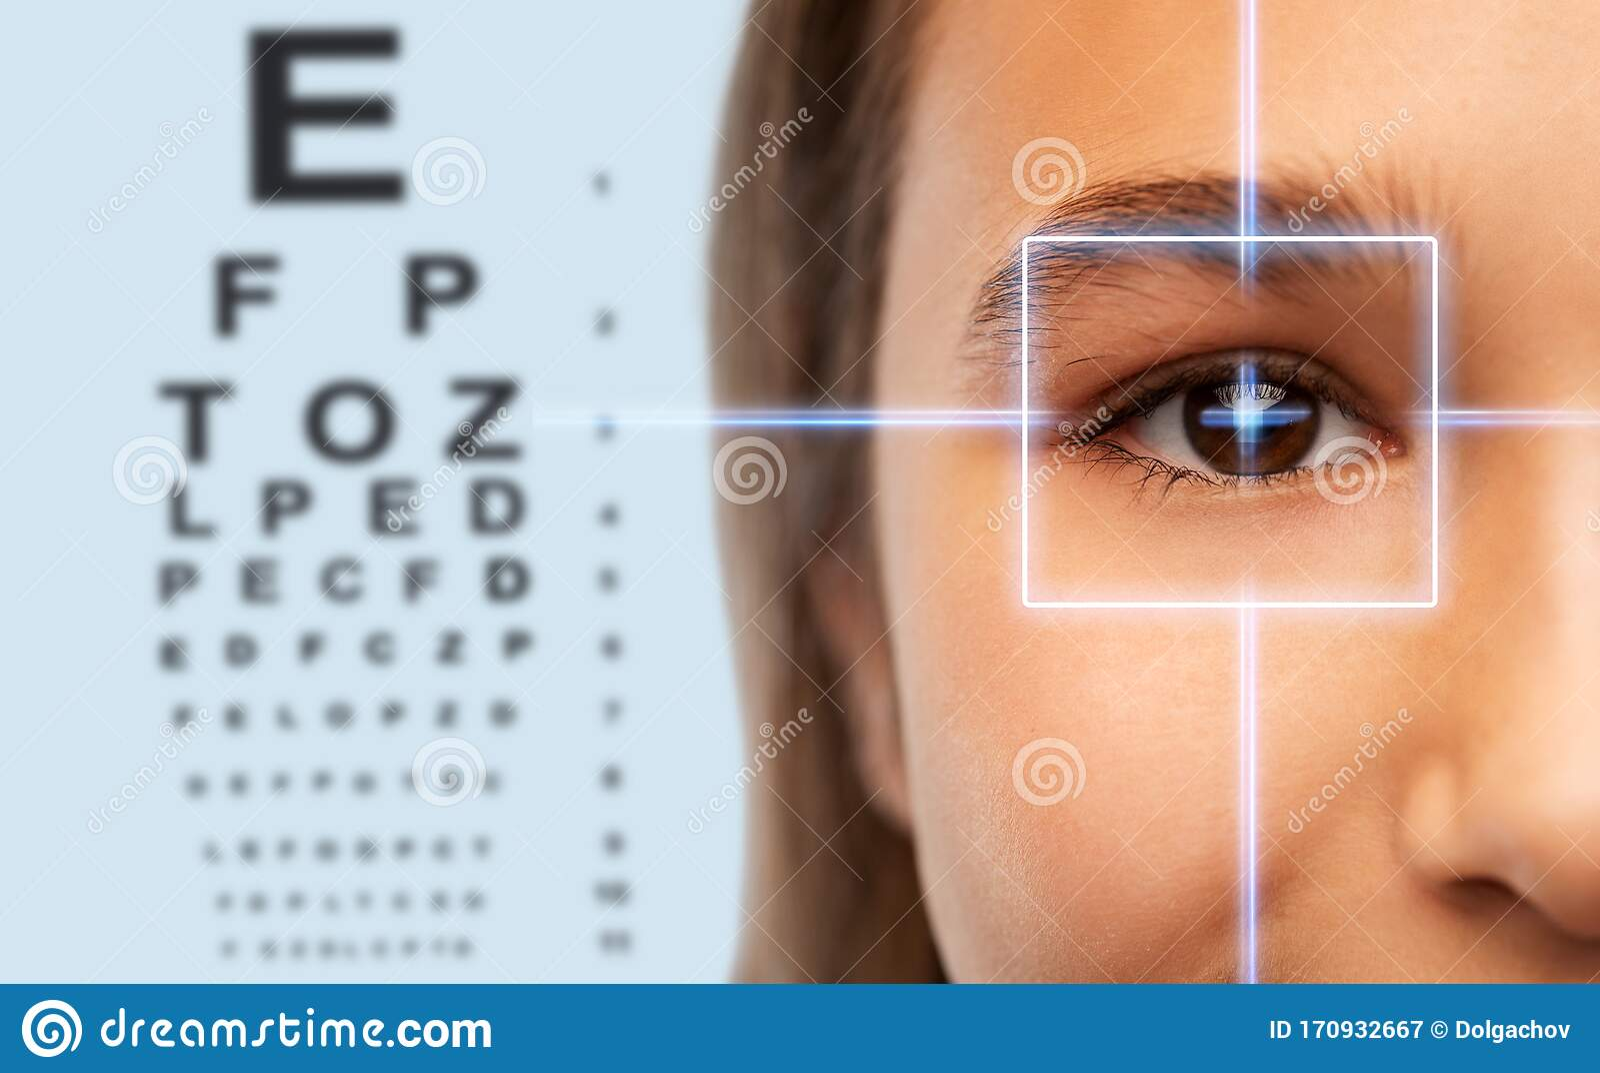 test ocular în dace puteți restabili vederea cu exerciții